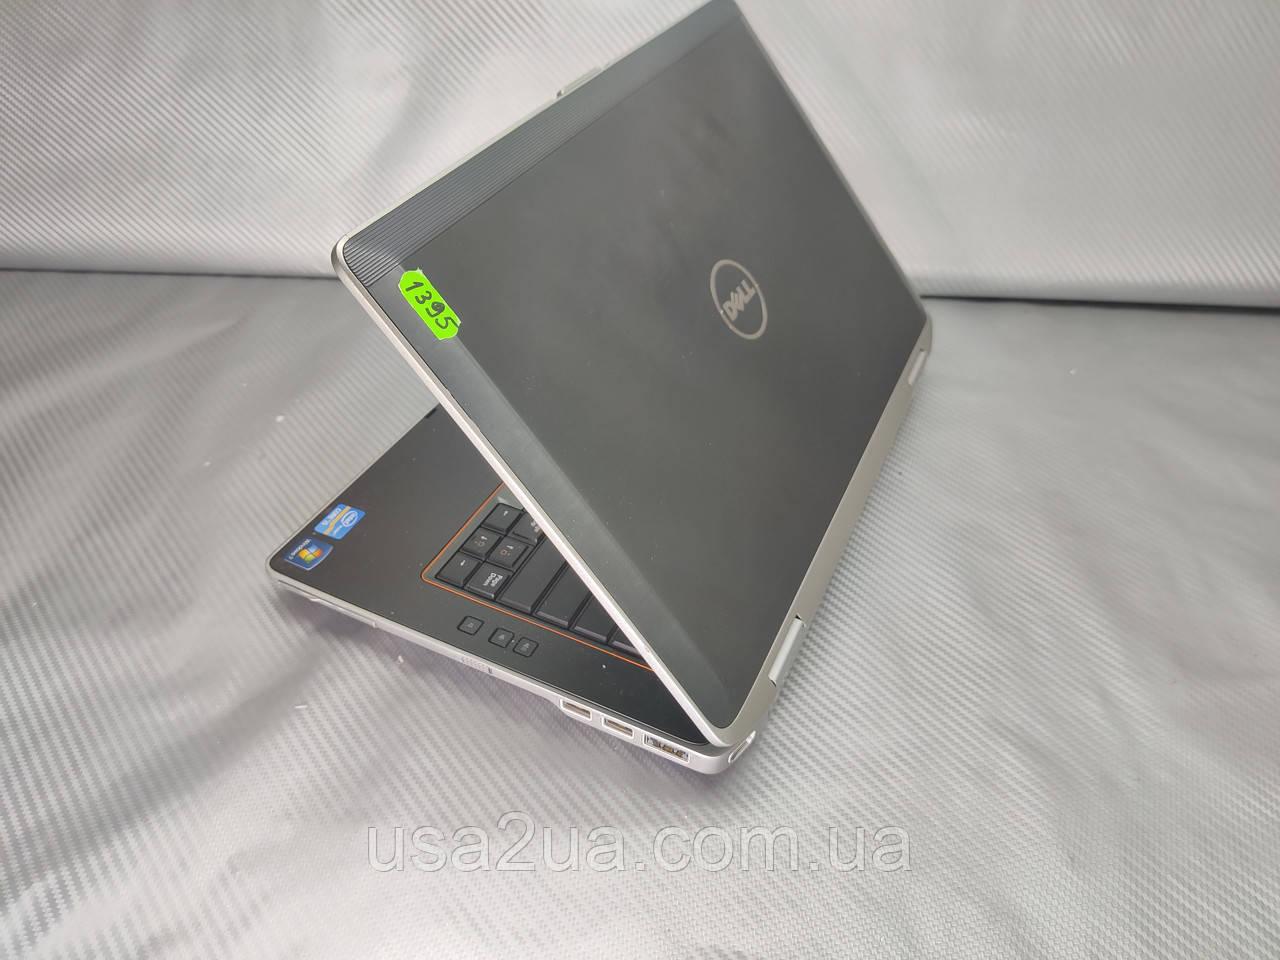 Ноутбук Dell Latitude E6420 Core I5 2Gen 4Gb 320Gb  Без батареи Кредит Гарантия Доставка